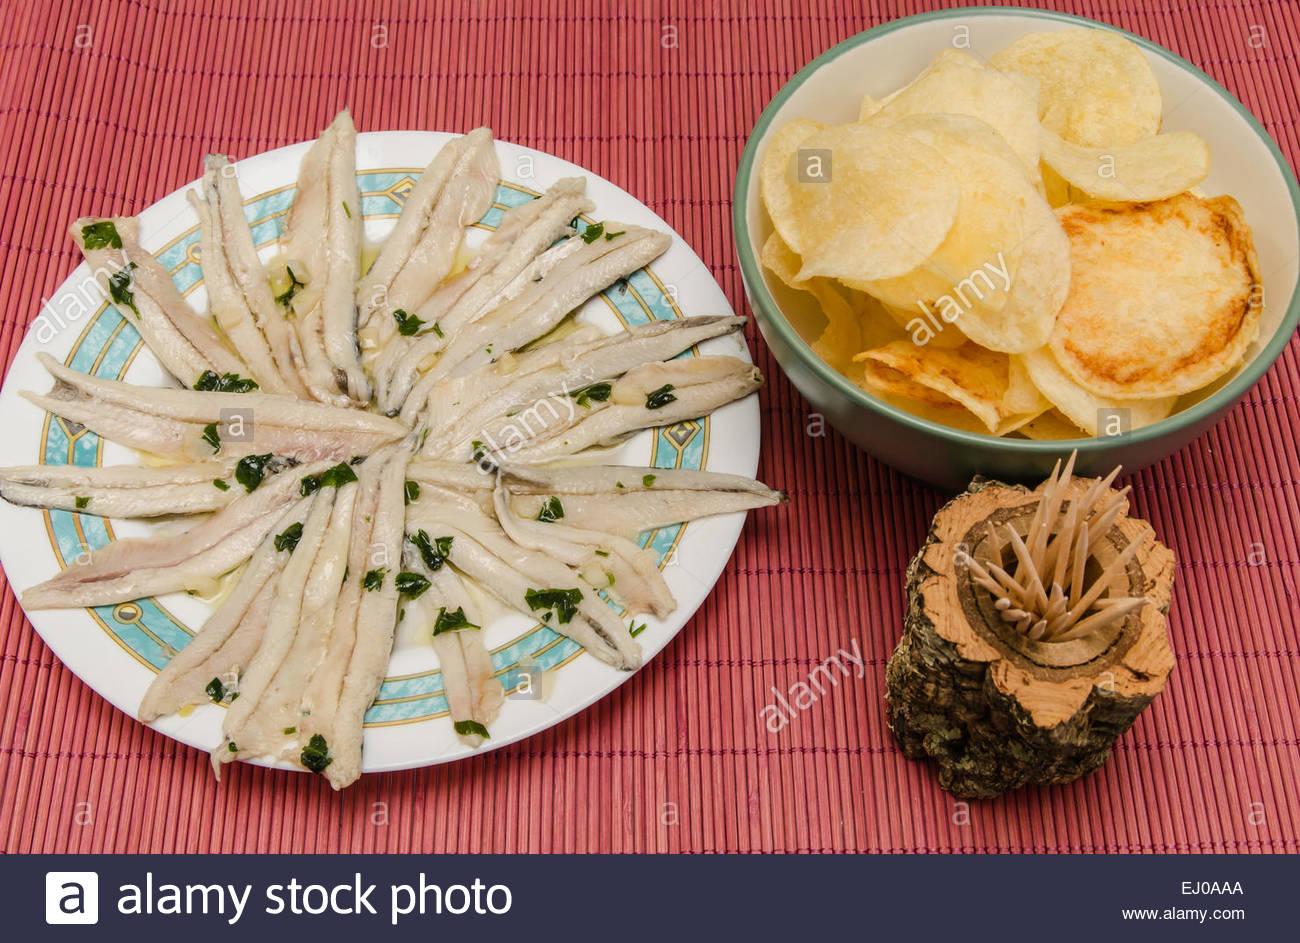 Raw anchovies with garlic, oil and vinegar. Boquerones en vinagre. - Stock Image